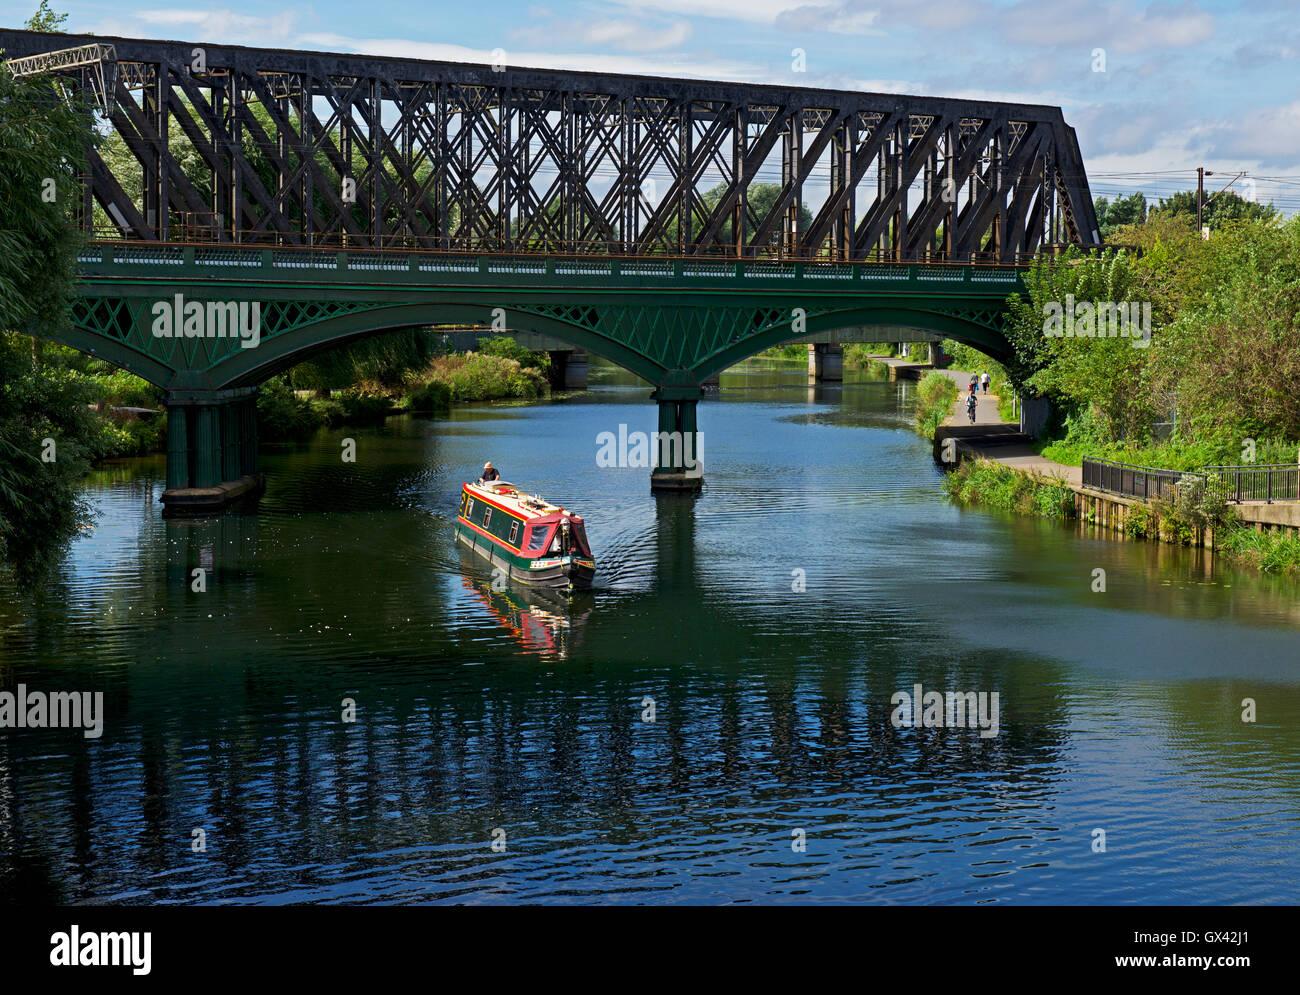 Narrowboat on River Nene, Peterborough, Cambridgeshire, England UK - Stock Image